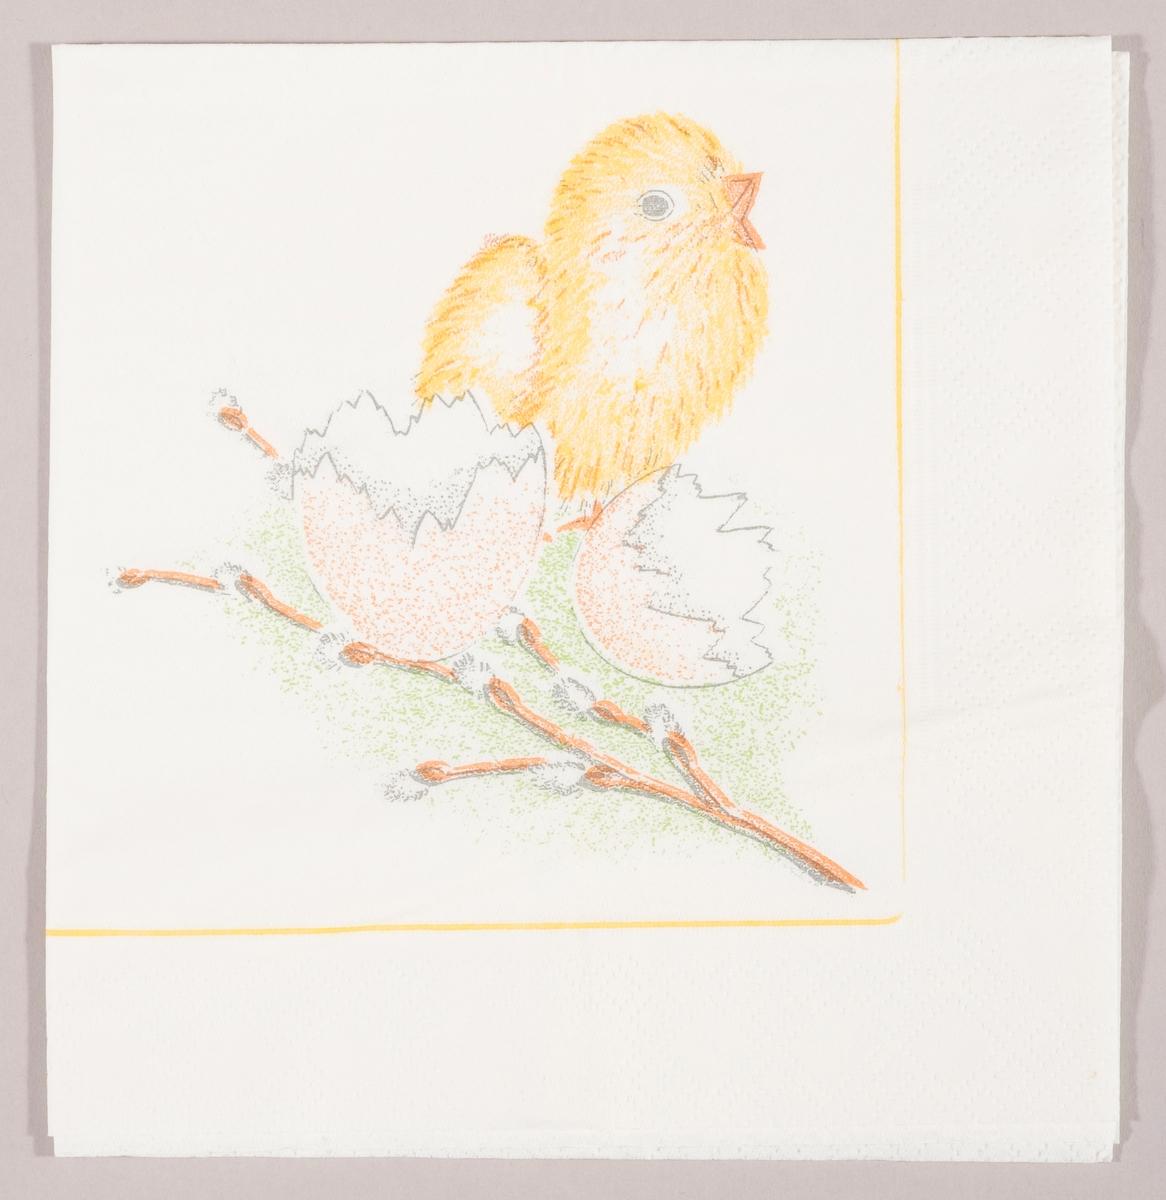 """En kylling ved siden av skallet av et egg og en gren med """"gåsunger"""""""